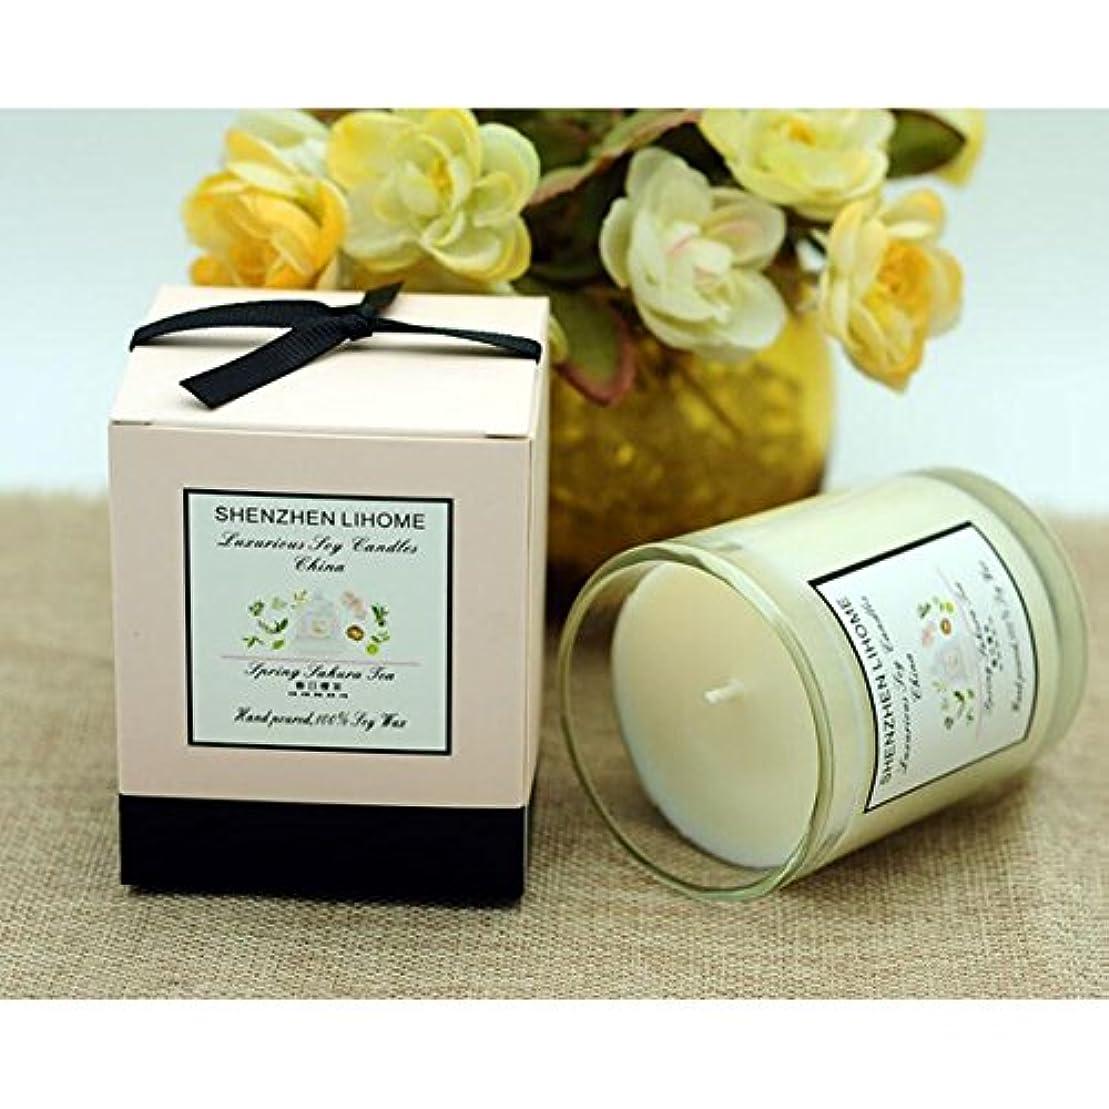 熟した危険なビデオLiebeye キャンドル 大豆ワックス ロマンチックな無煙の香り 香りのティーキャンドル自然 ガラスキャンドル 春の桜の香